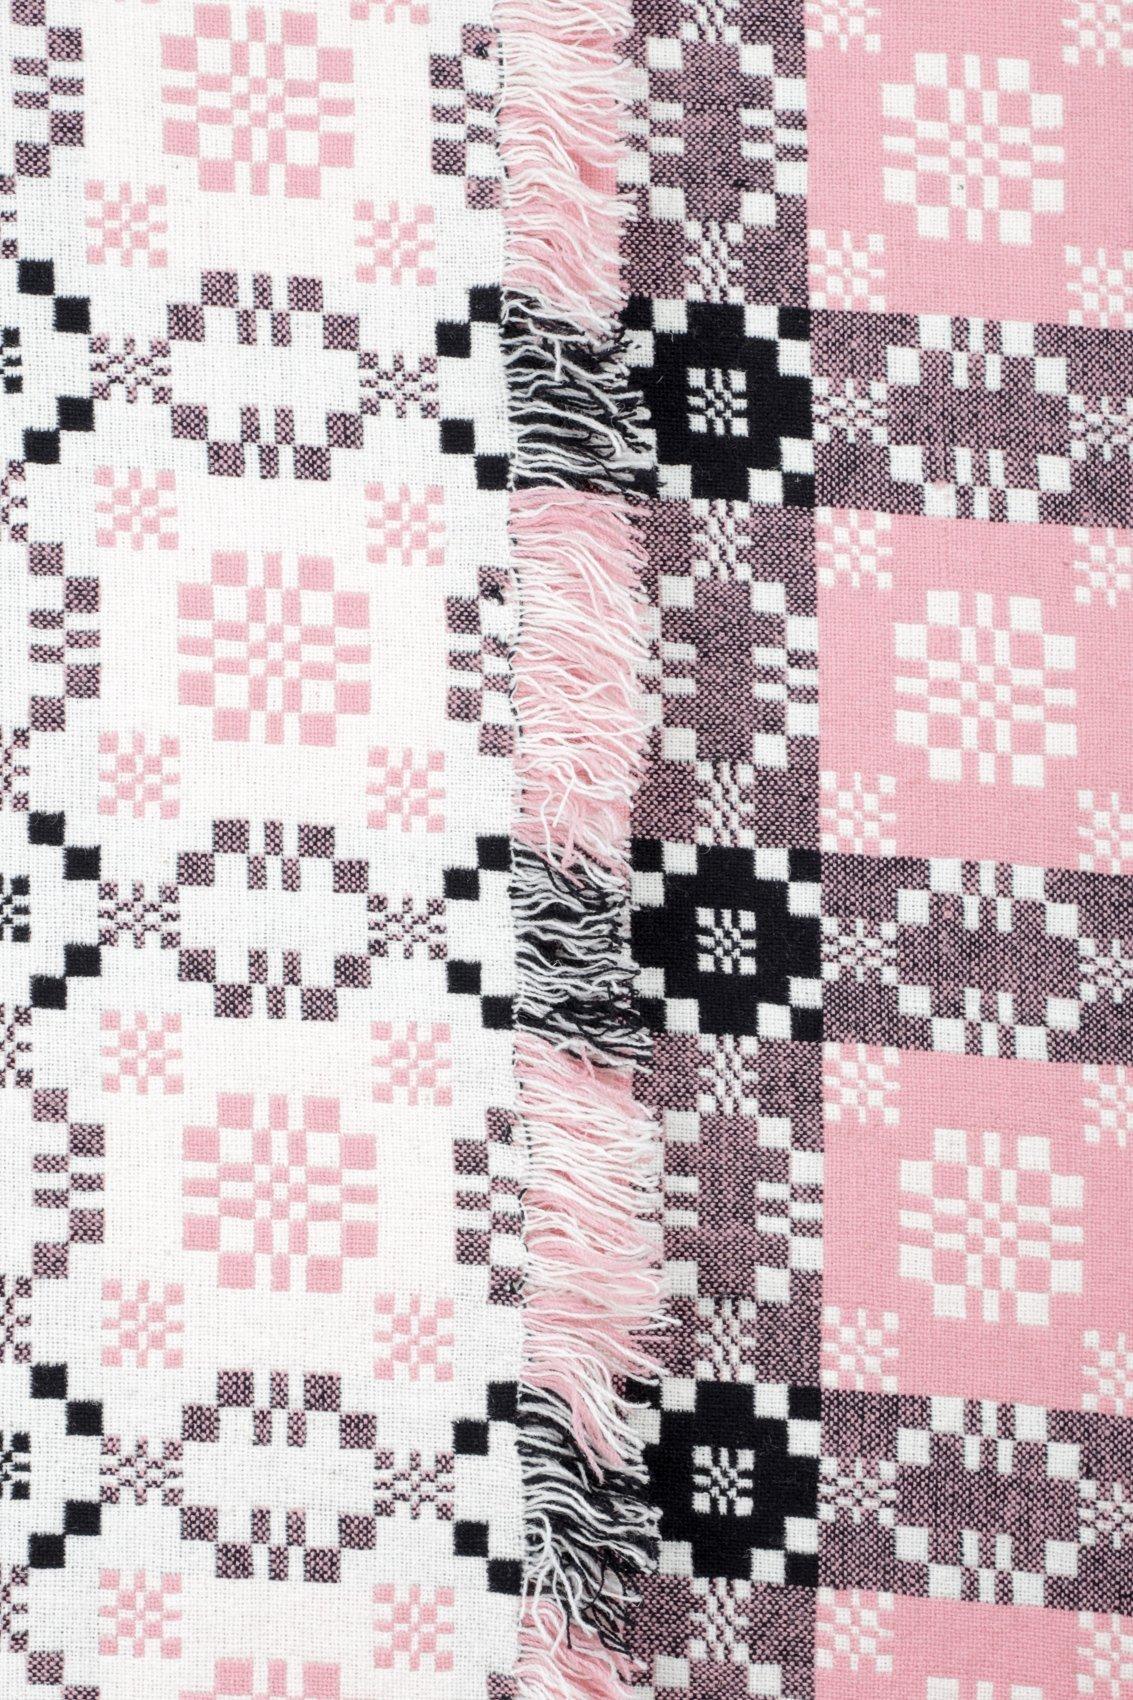 Vintage Welsh Tapestry Blanket Pink Black Cream